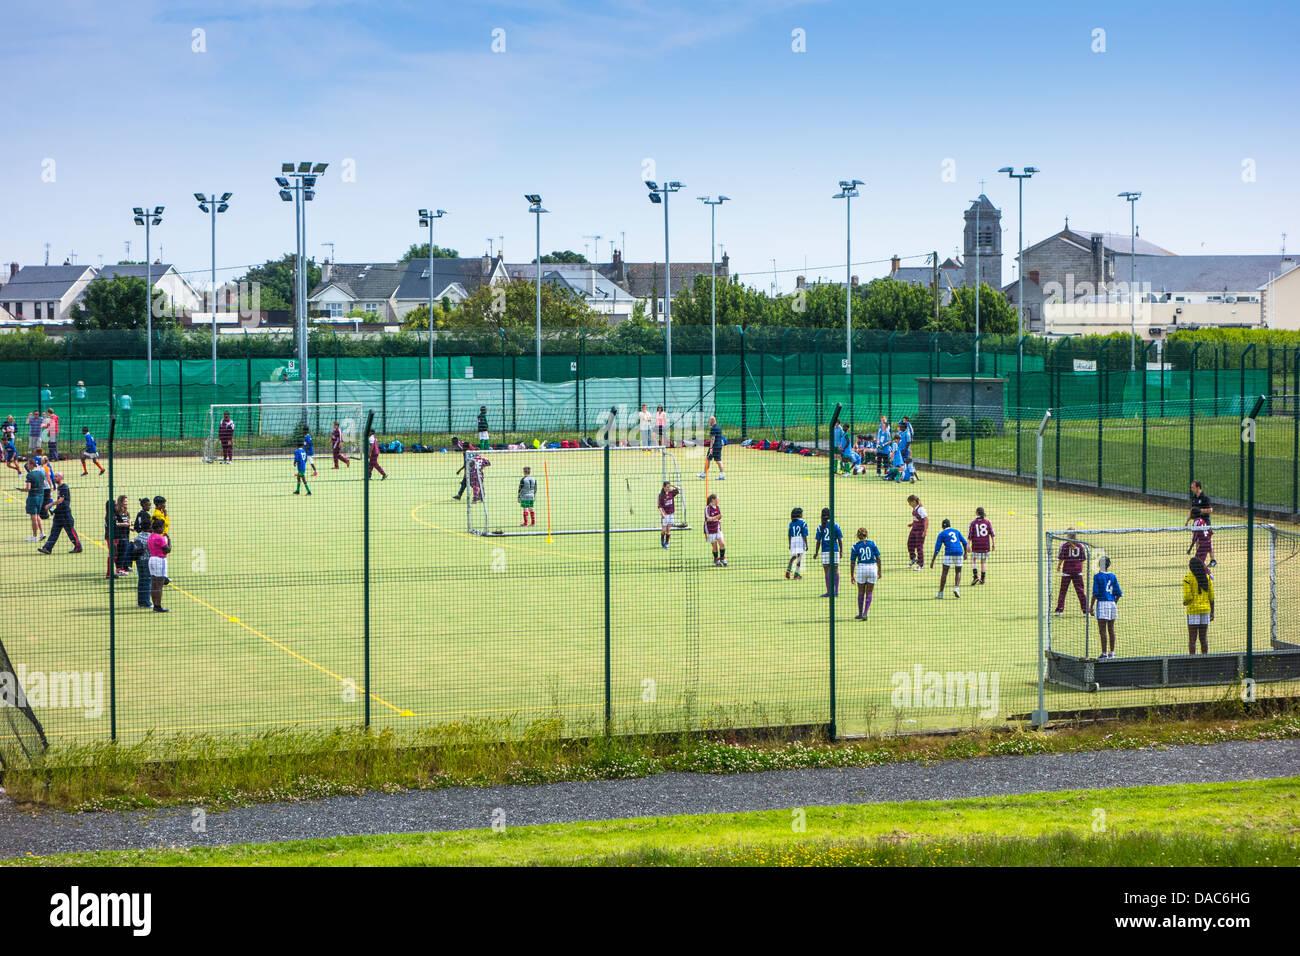 Scolari a giocare a calcio su un all-weather passo - Dublino, Irlanda Foto Stock